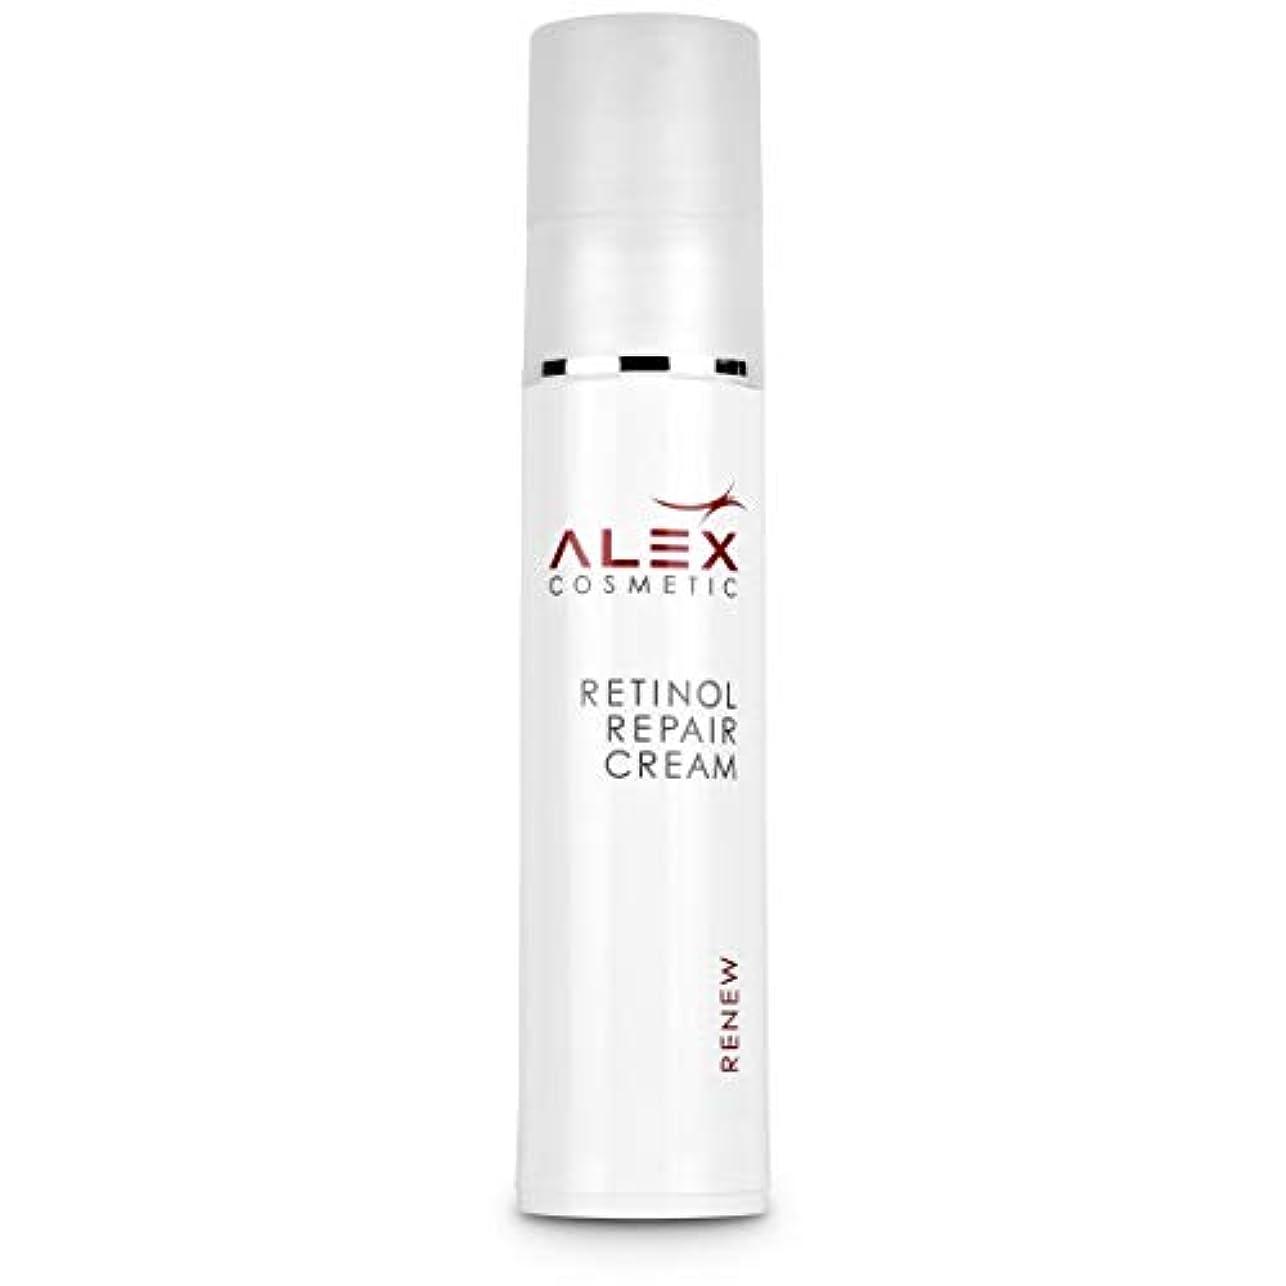 健全確立優れたALEX アレックス コスメ Retinol Repair Cream レチノール リペア クリーム 50ml 【並行輸入品】